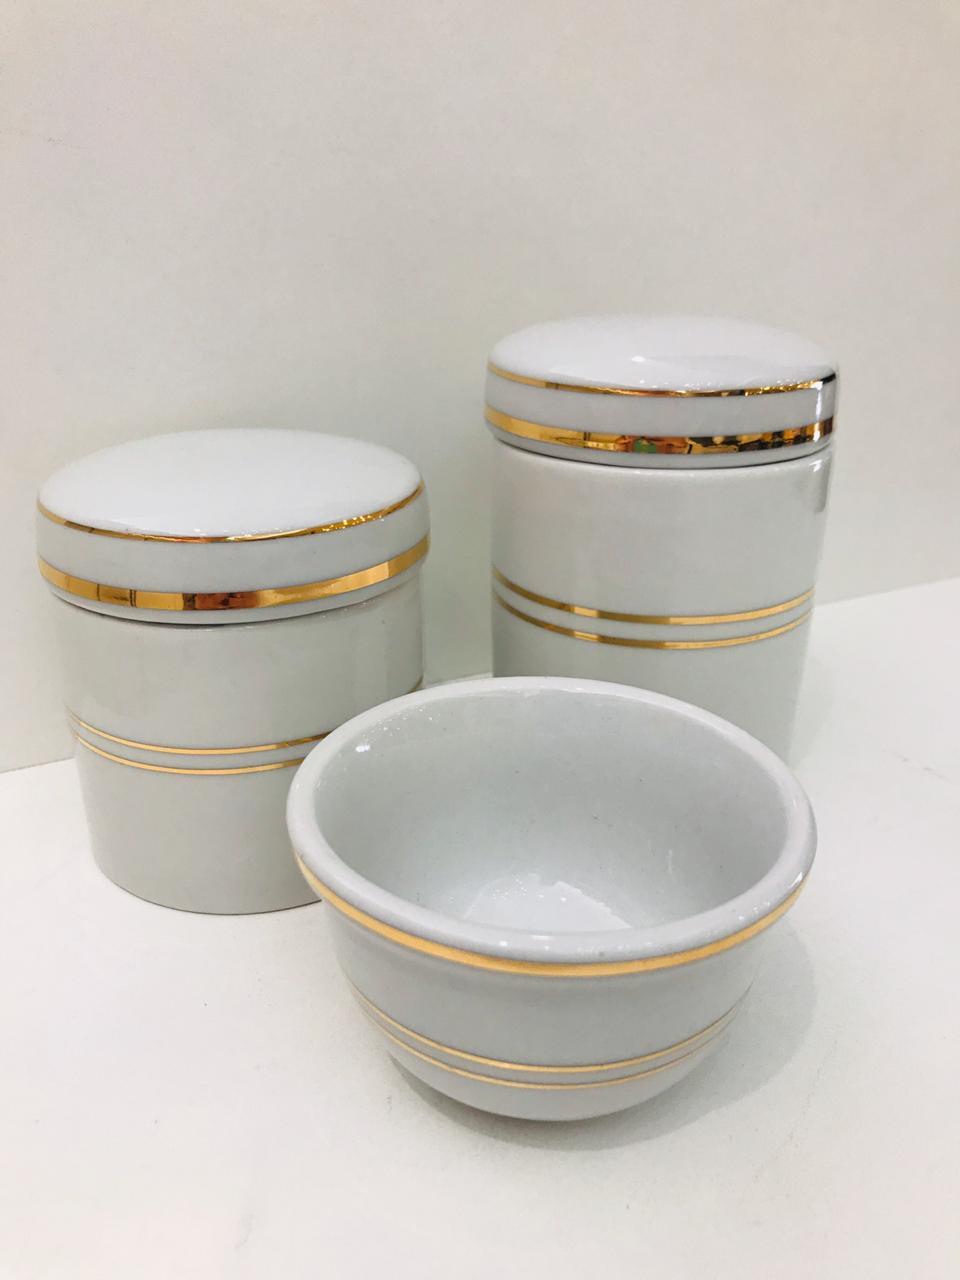 Kit de Porcelana Branco Com 2 Filetes Dourado - bv